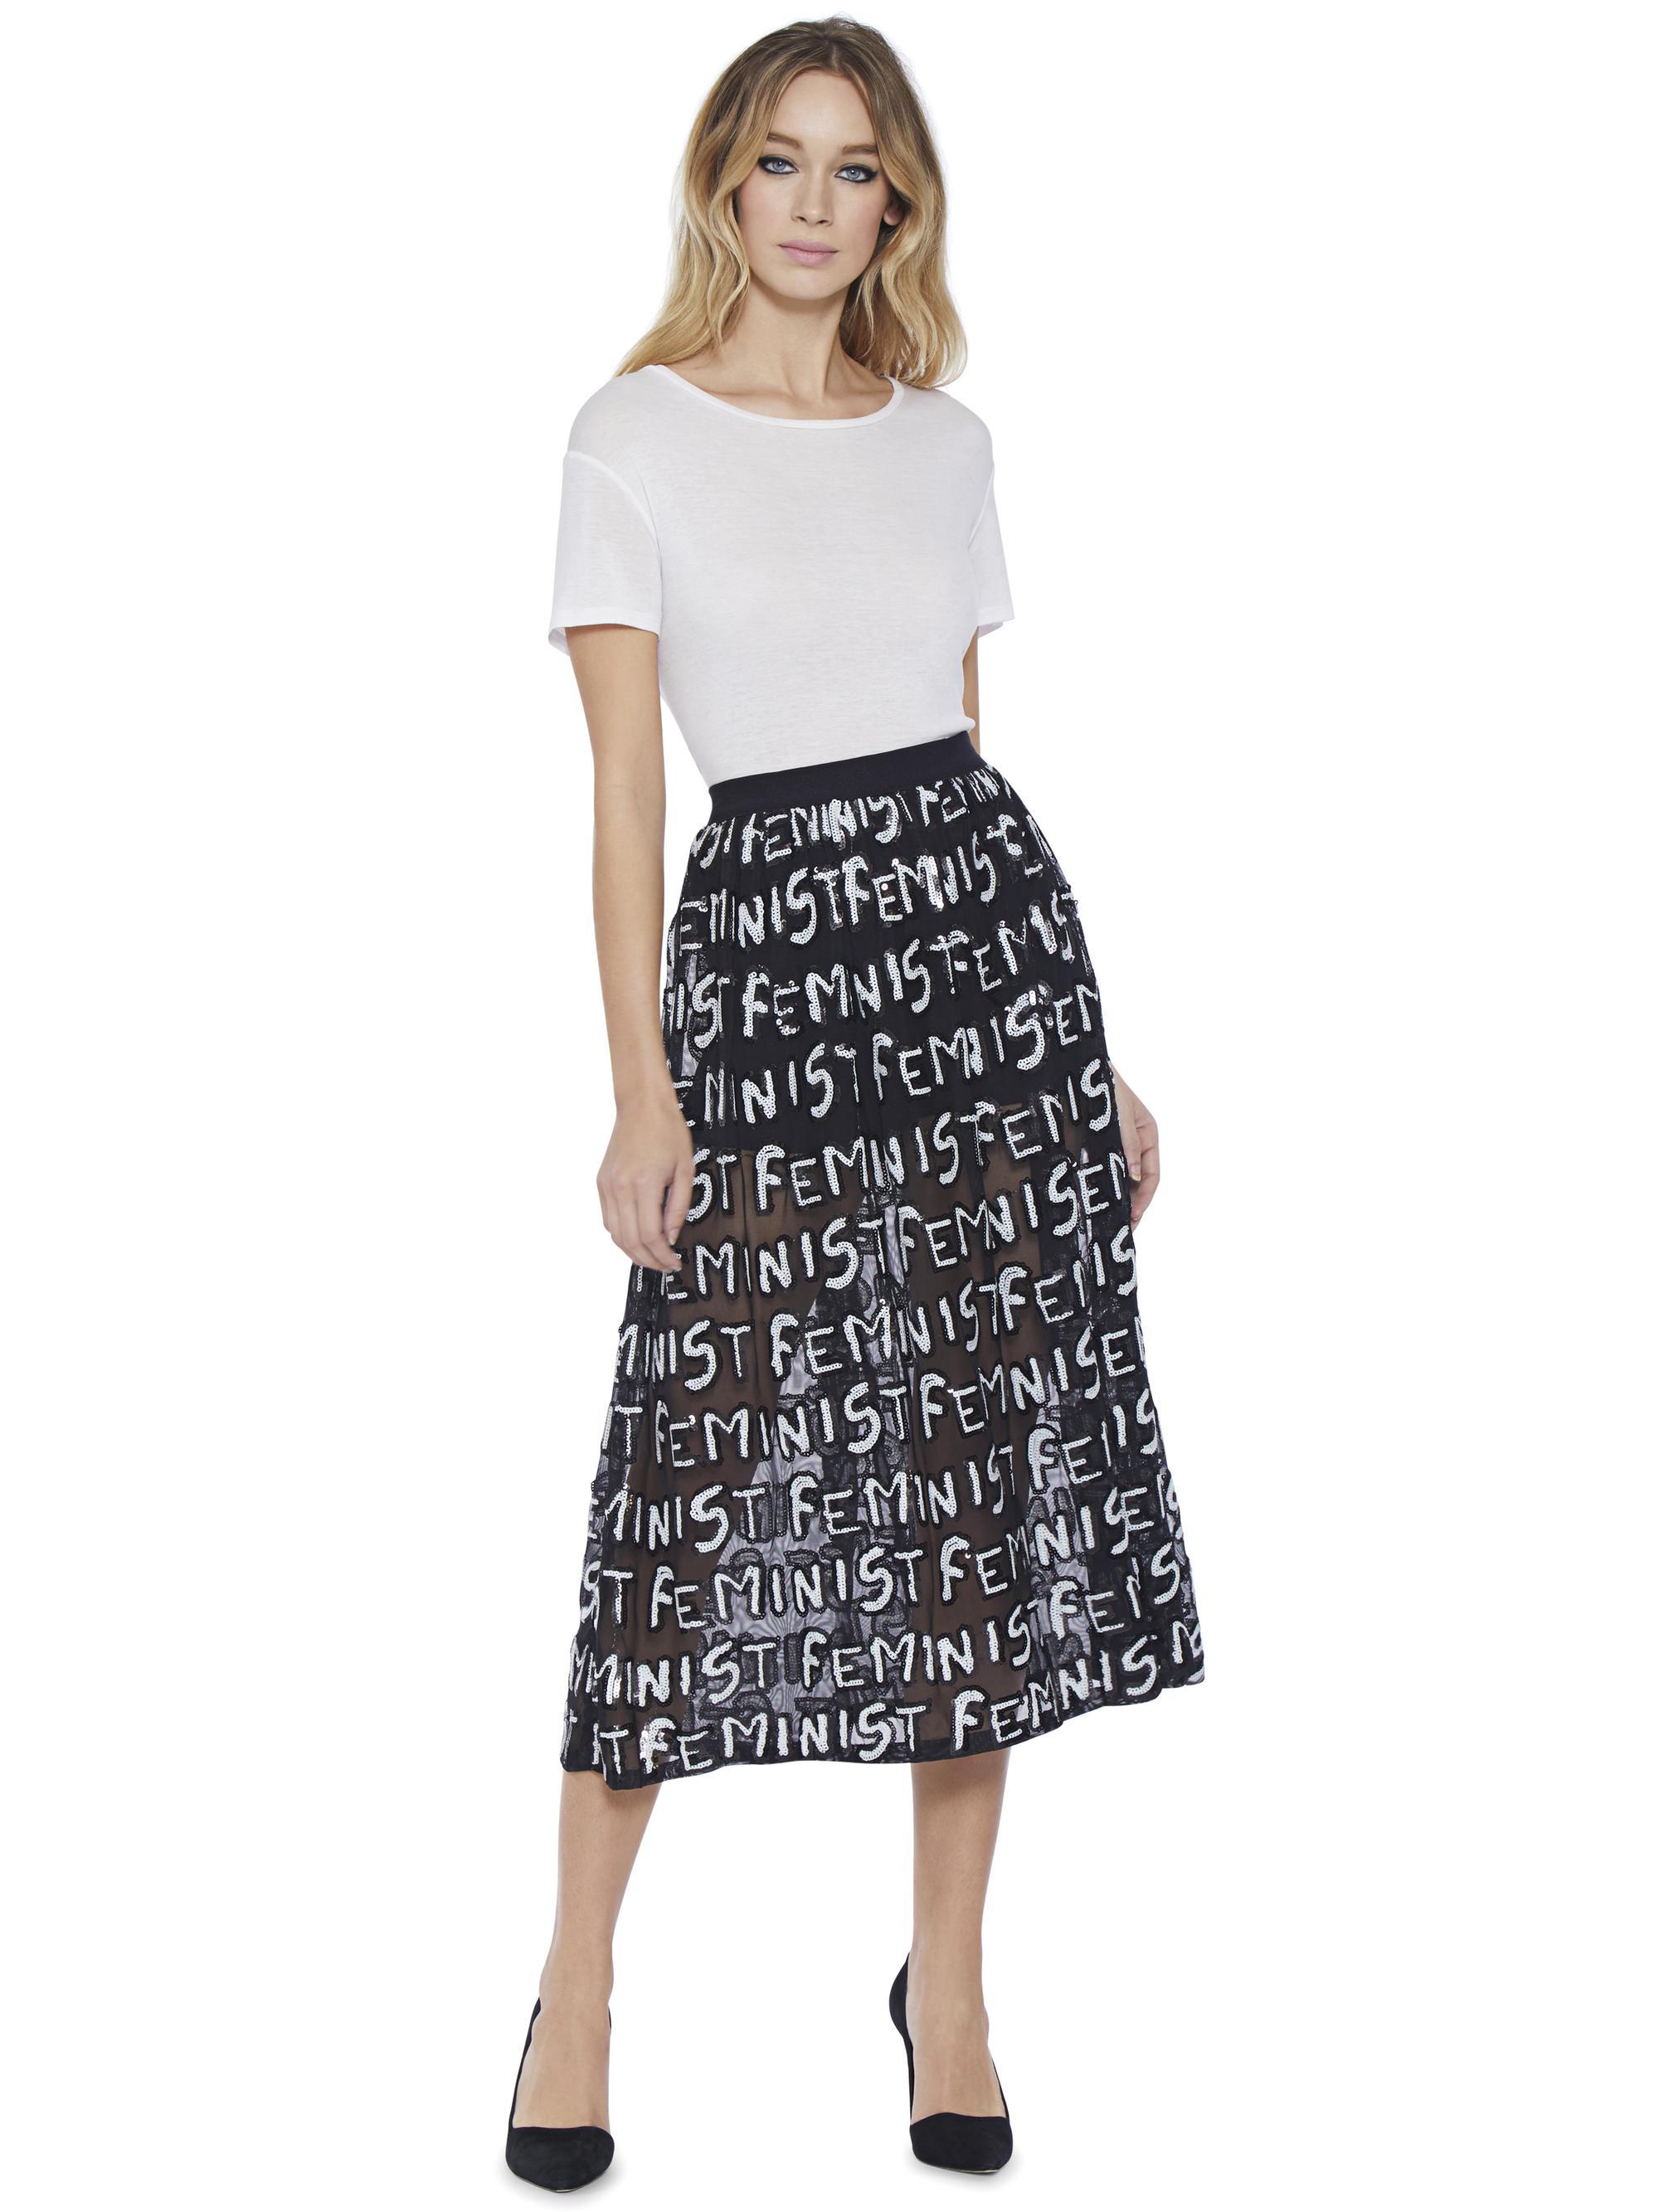 8ffb873e2d659 Lyst - Alice + Olivia Levon Feminist Skirt in Black